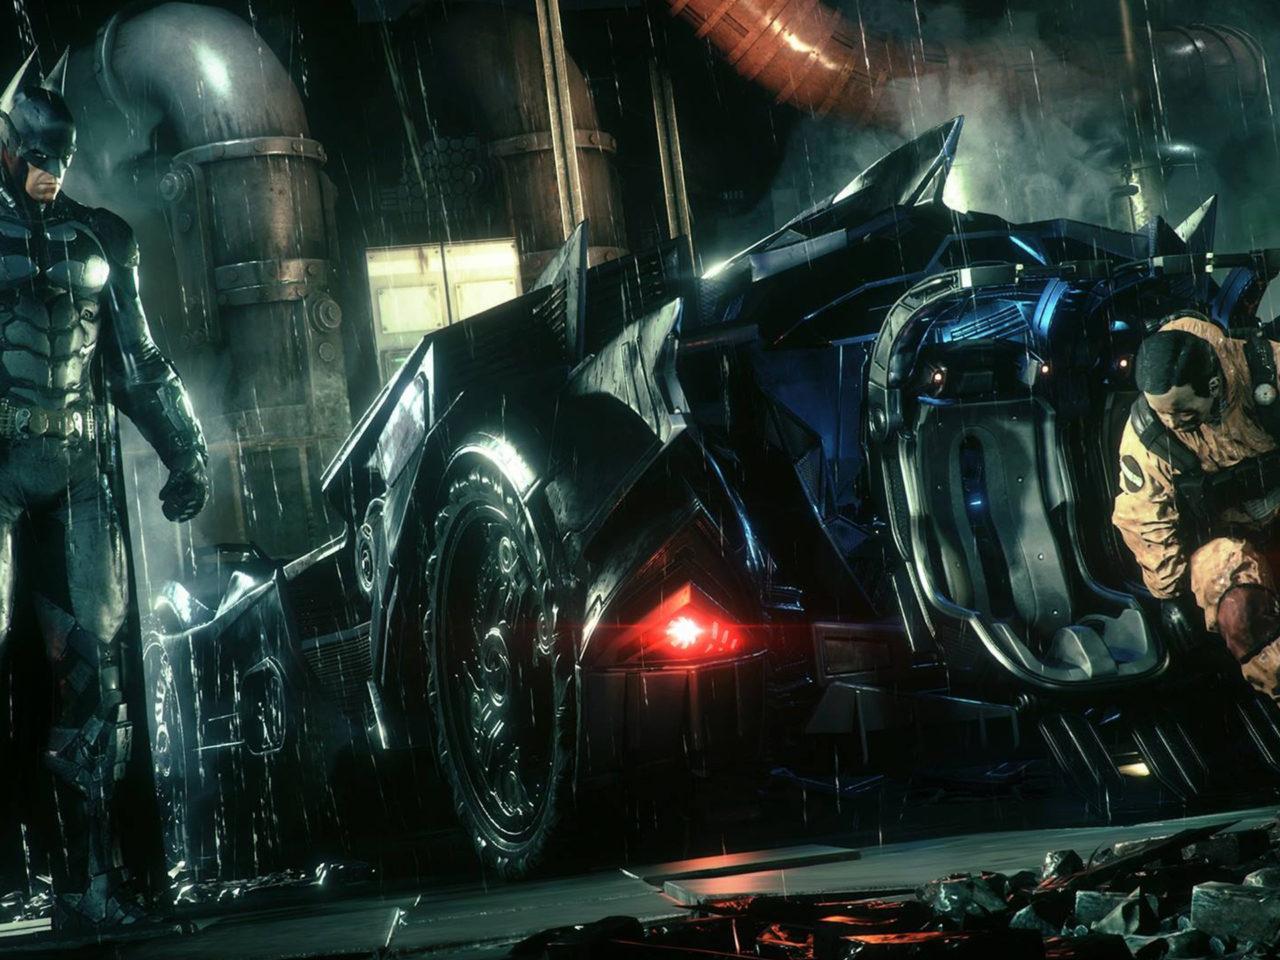 3d Car Wallpaper For Iphone Batman Arkham Knight Beth Car Hd Wallpaper Download For